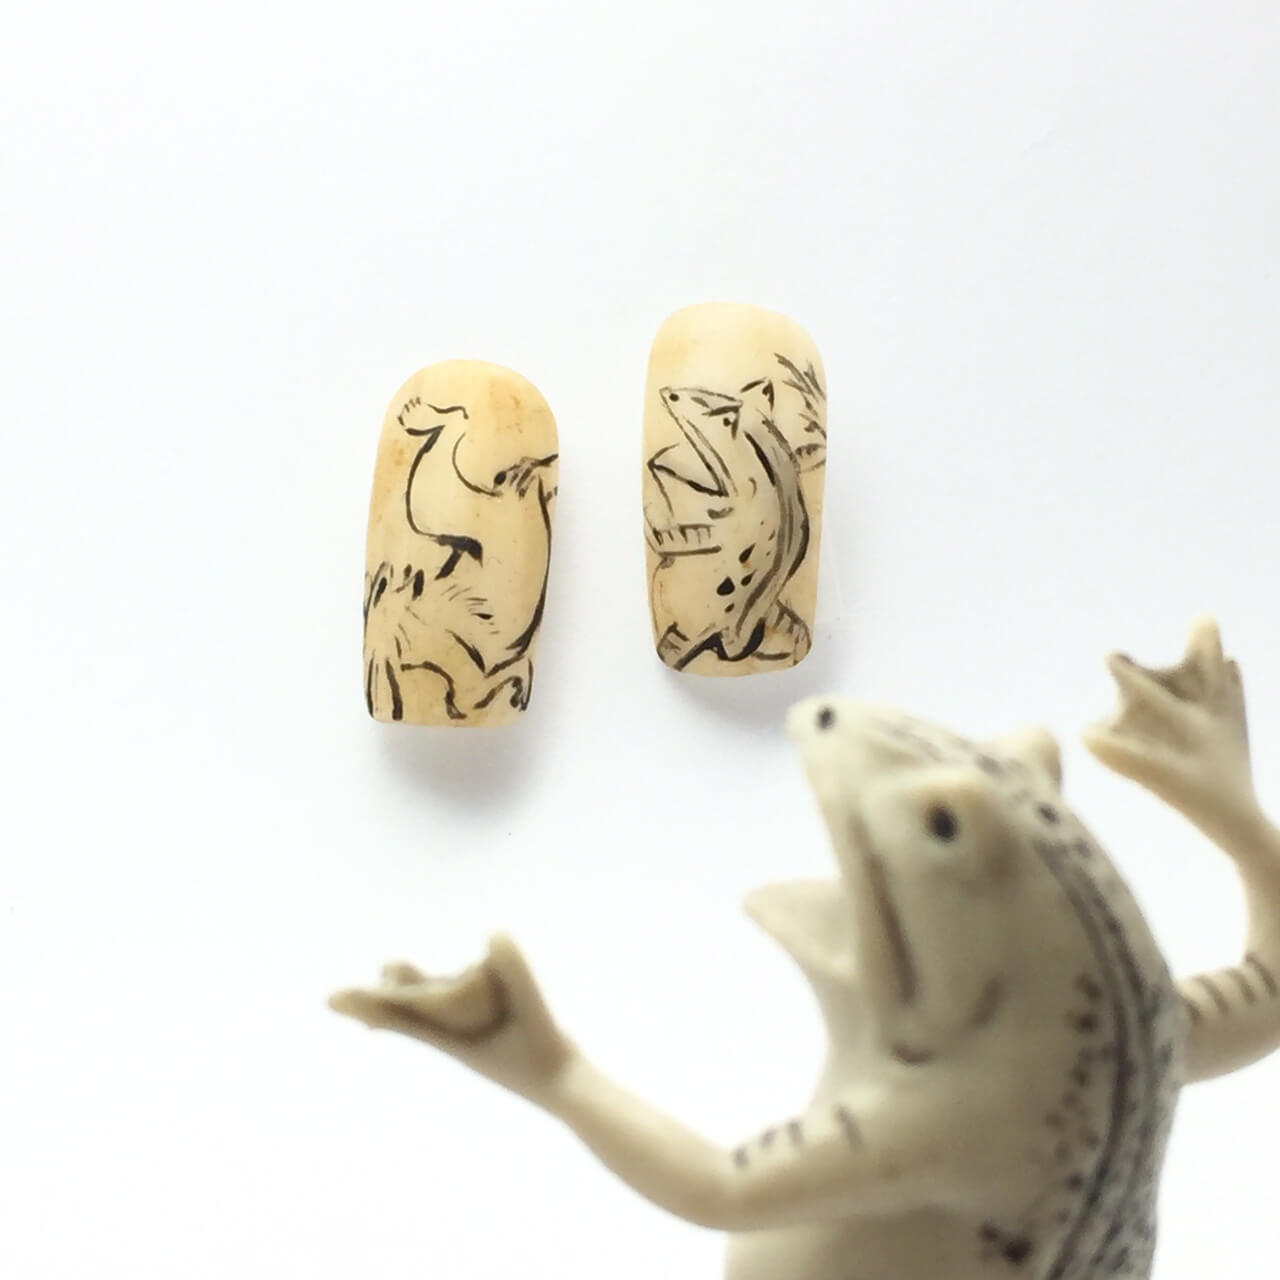 【鳥獣人物戯画ネイル】カエルとウサギ